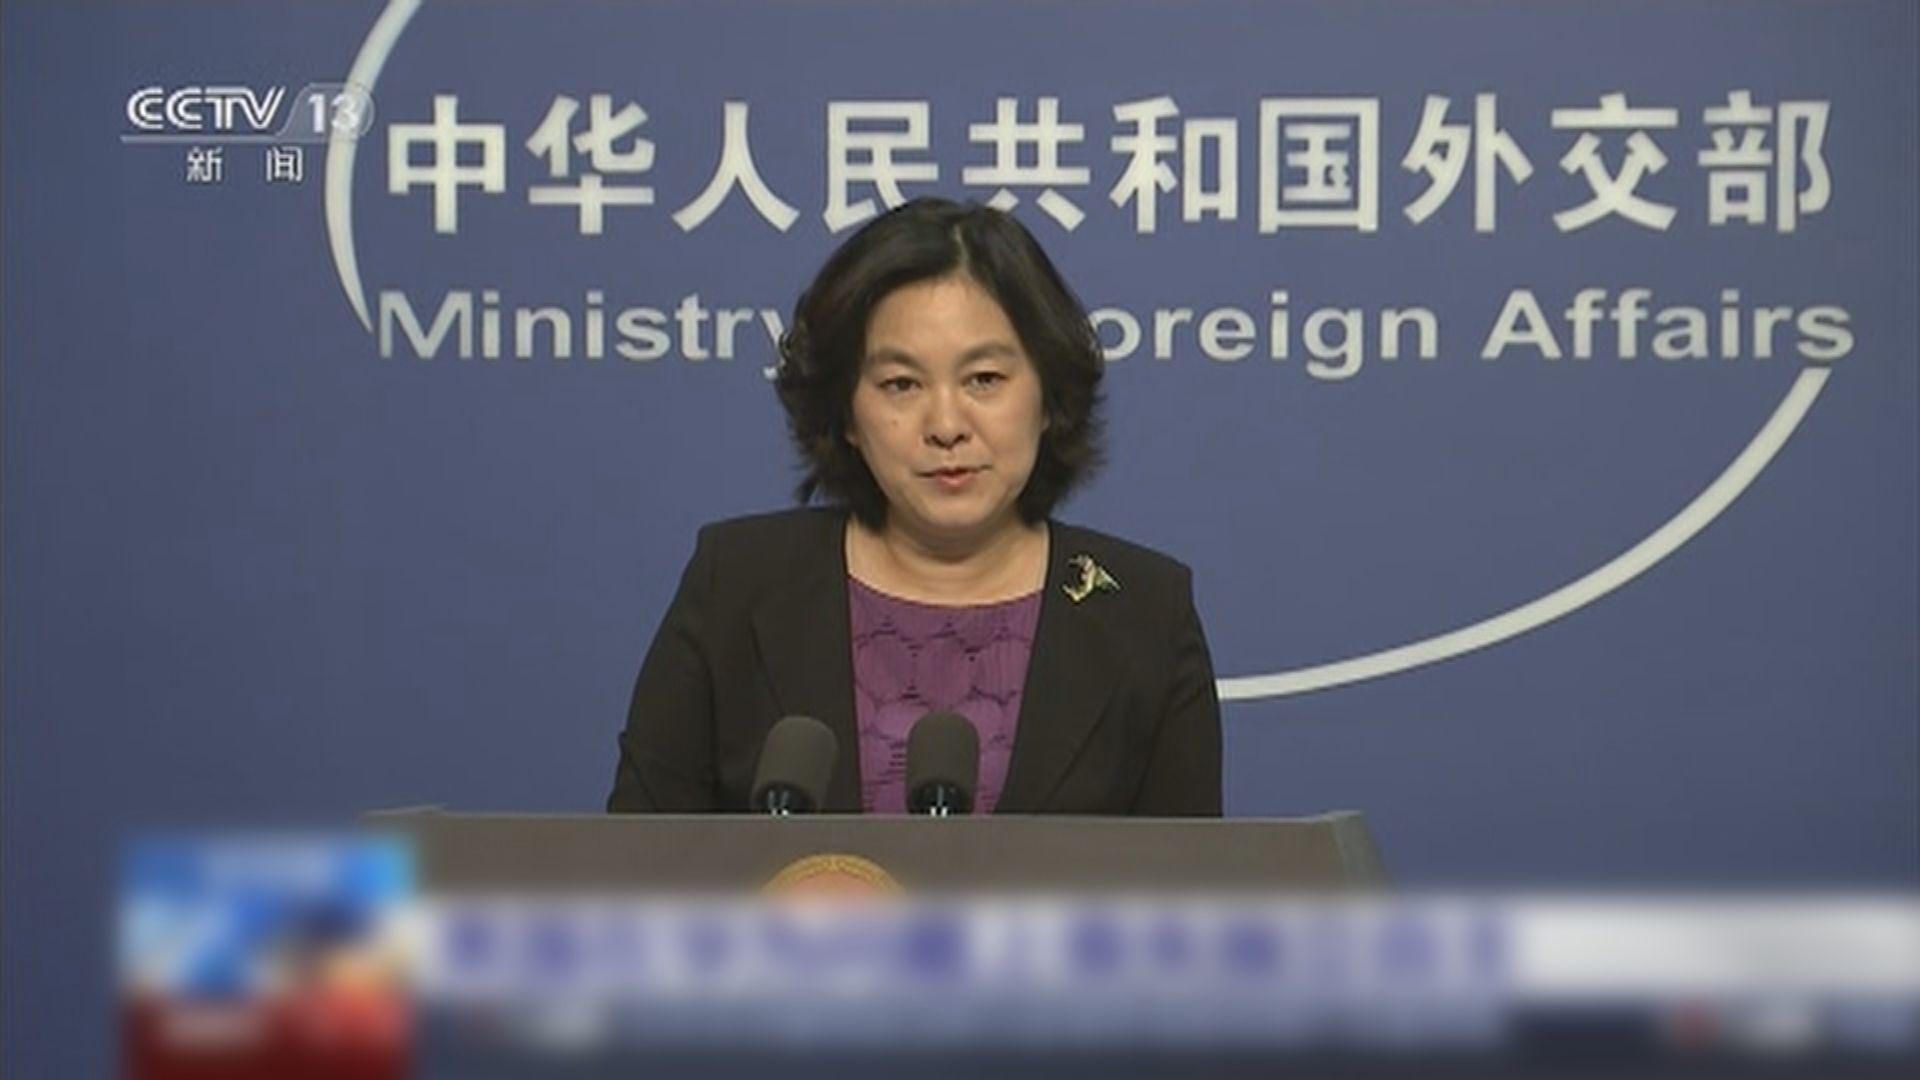 外交部:美國對華無端猜忌已到杯弓蛇影地步